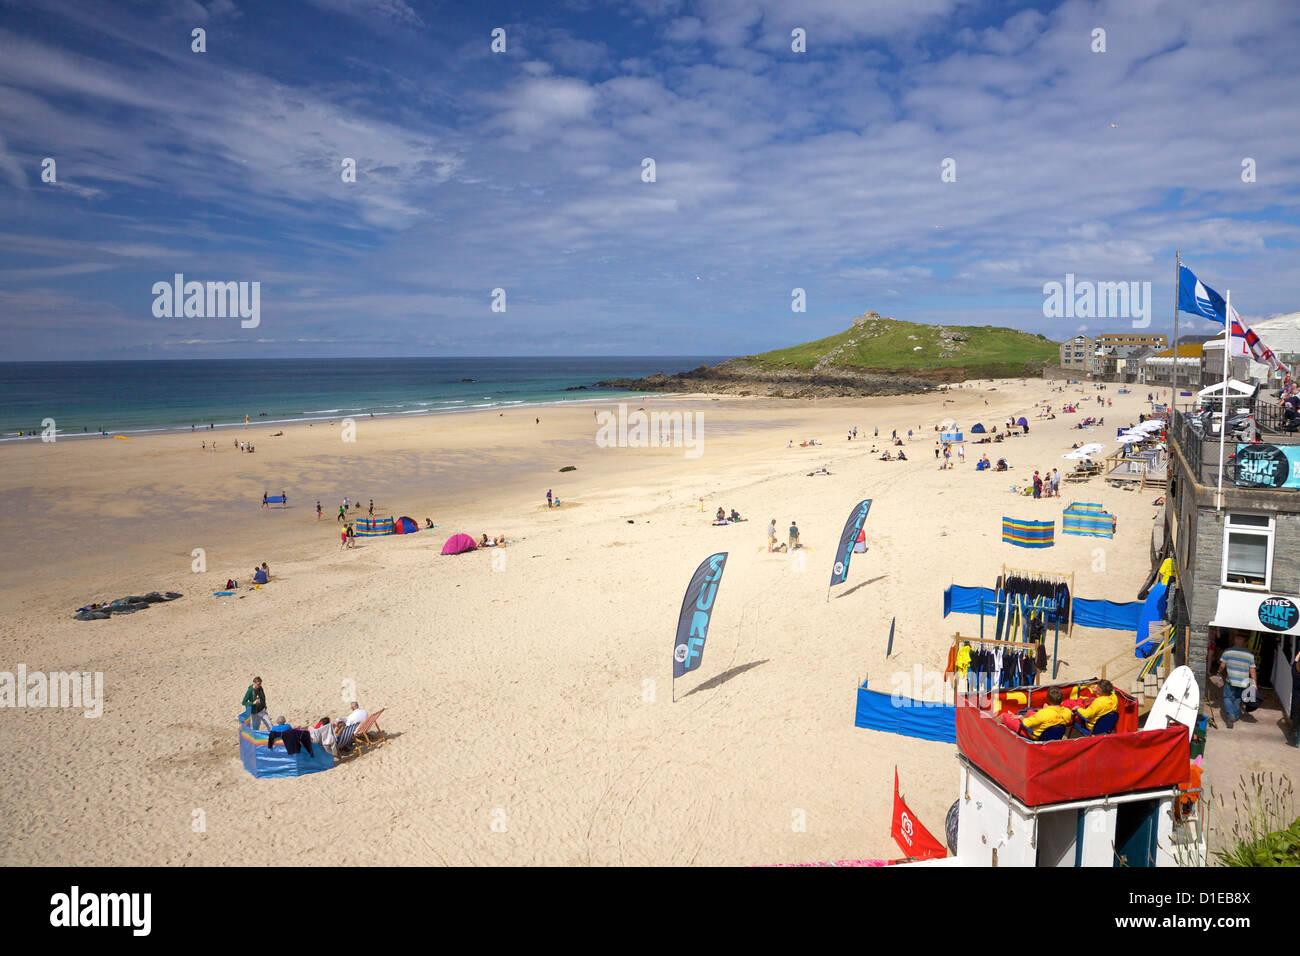 Soleil d'été sur la plage de Perran, St Ives, Cornwall, Angleterre, Royaume-Uni, Europe Banque D'Images